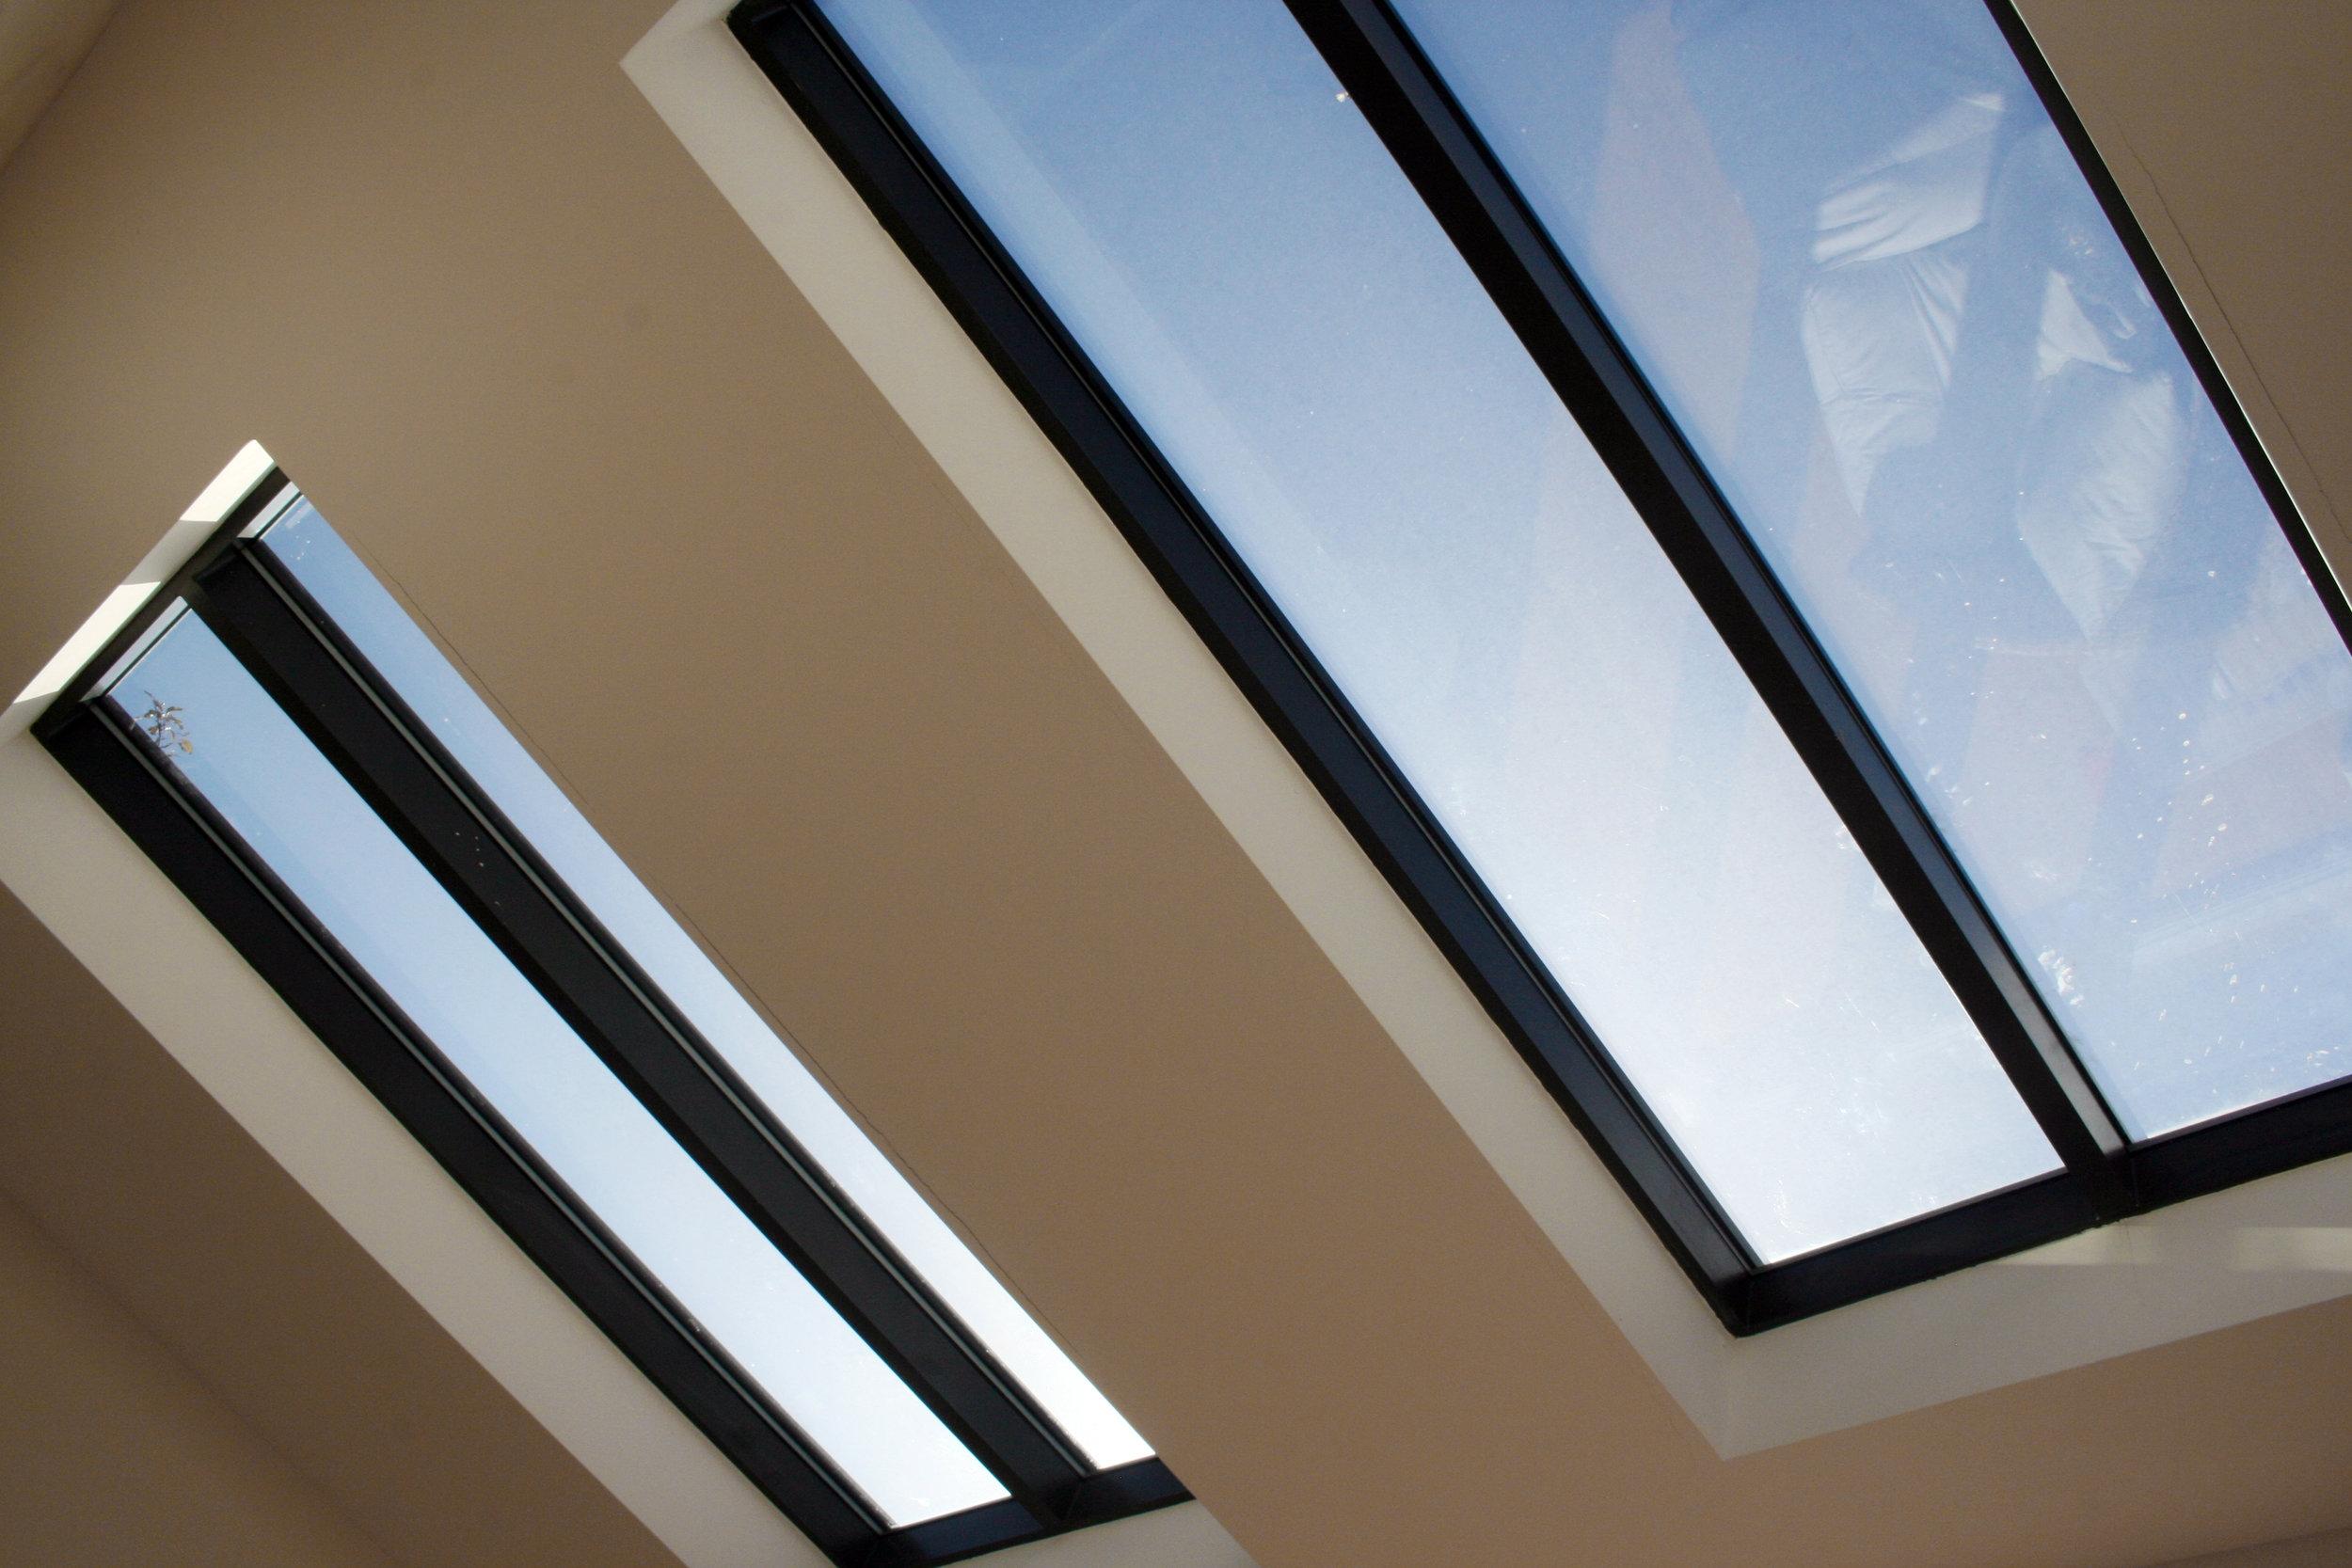 PVCu & Aluminum Windows - Double Glaze | PVCu | Aluminum | Casement | Windows of various sizes and colours